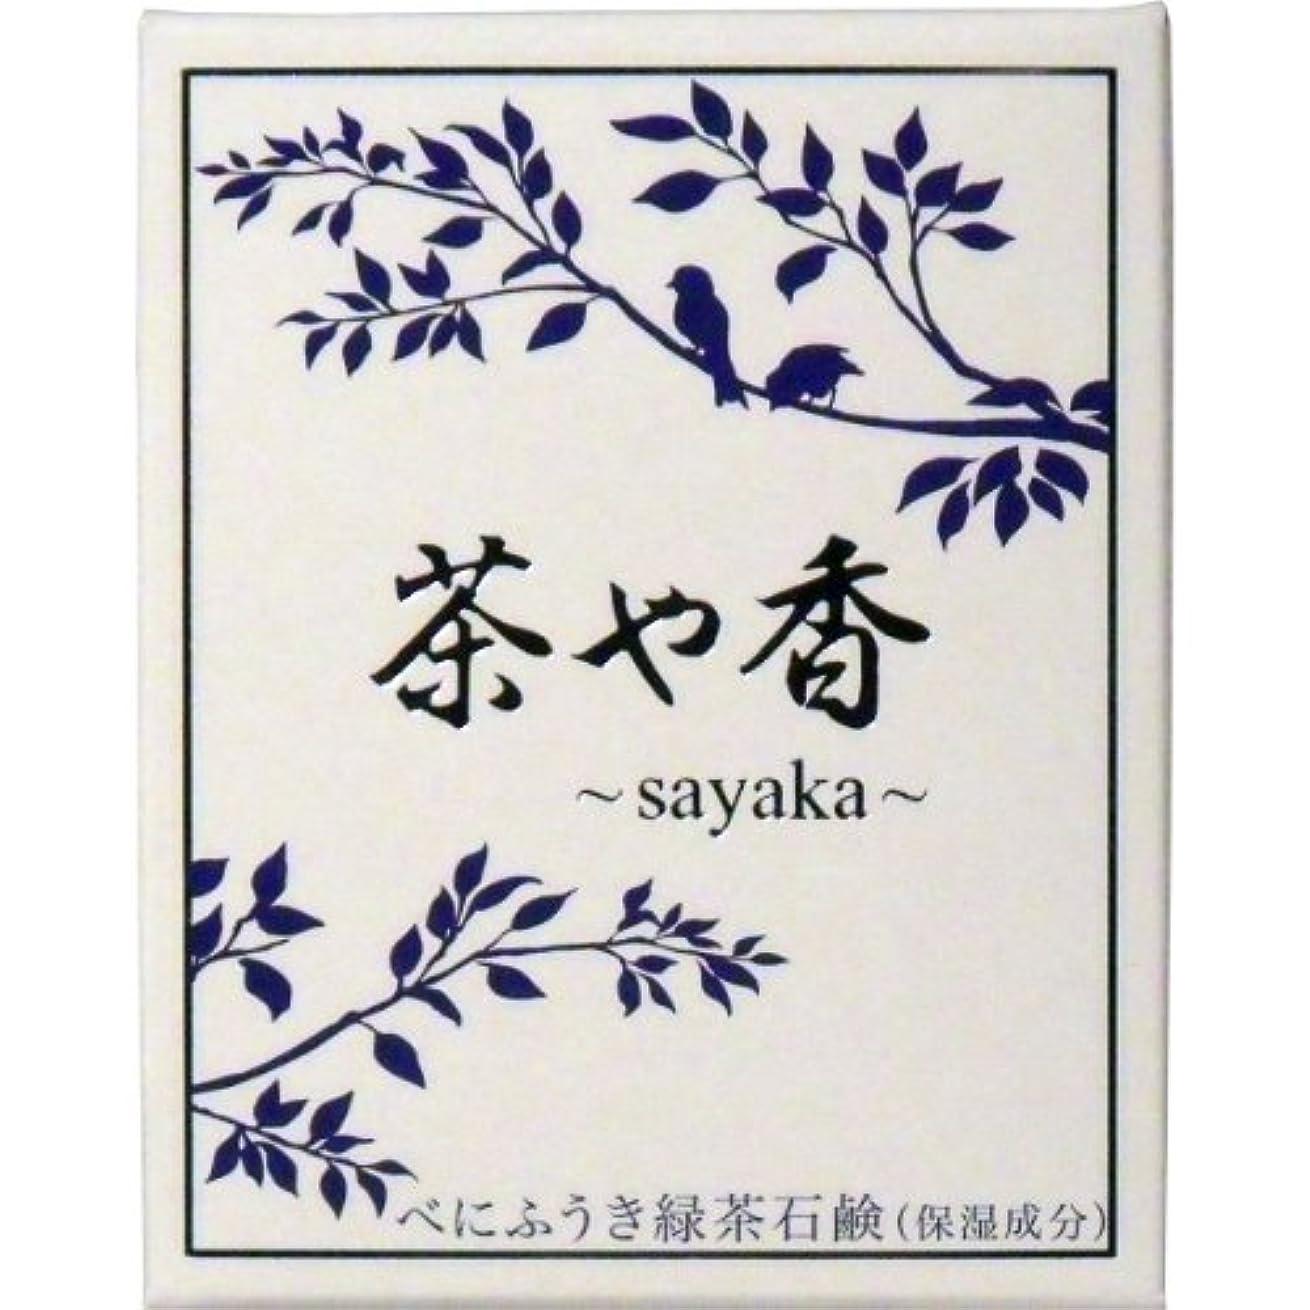 エスカレート毛細血管楽しませる茶や香 -sayaka- べにふうき緑茶石鹸 100g入 ×3個セット